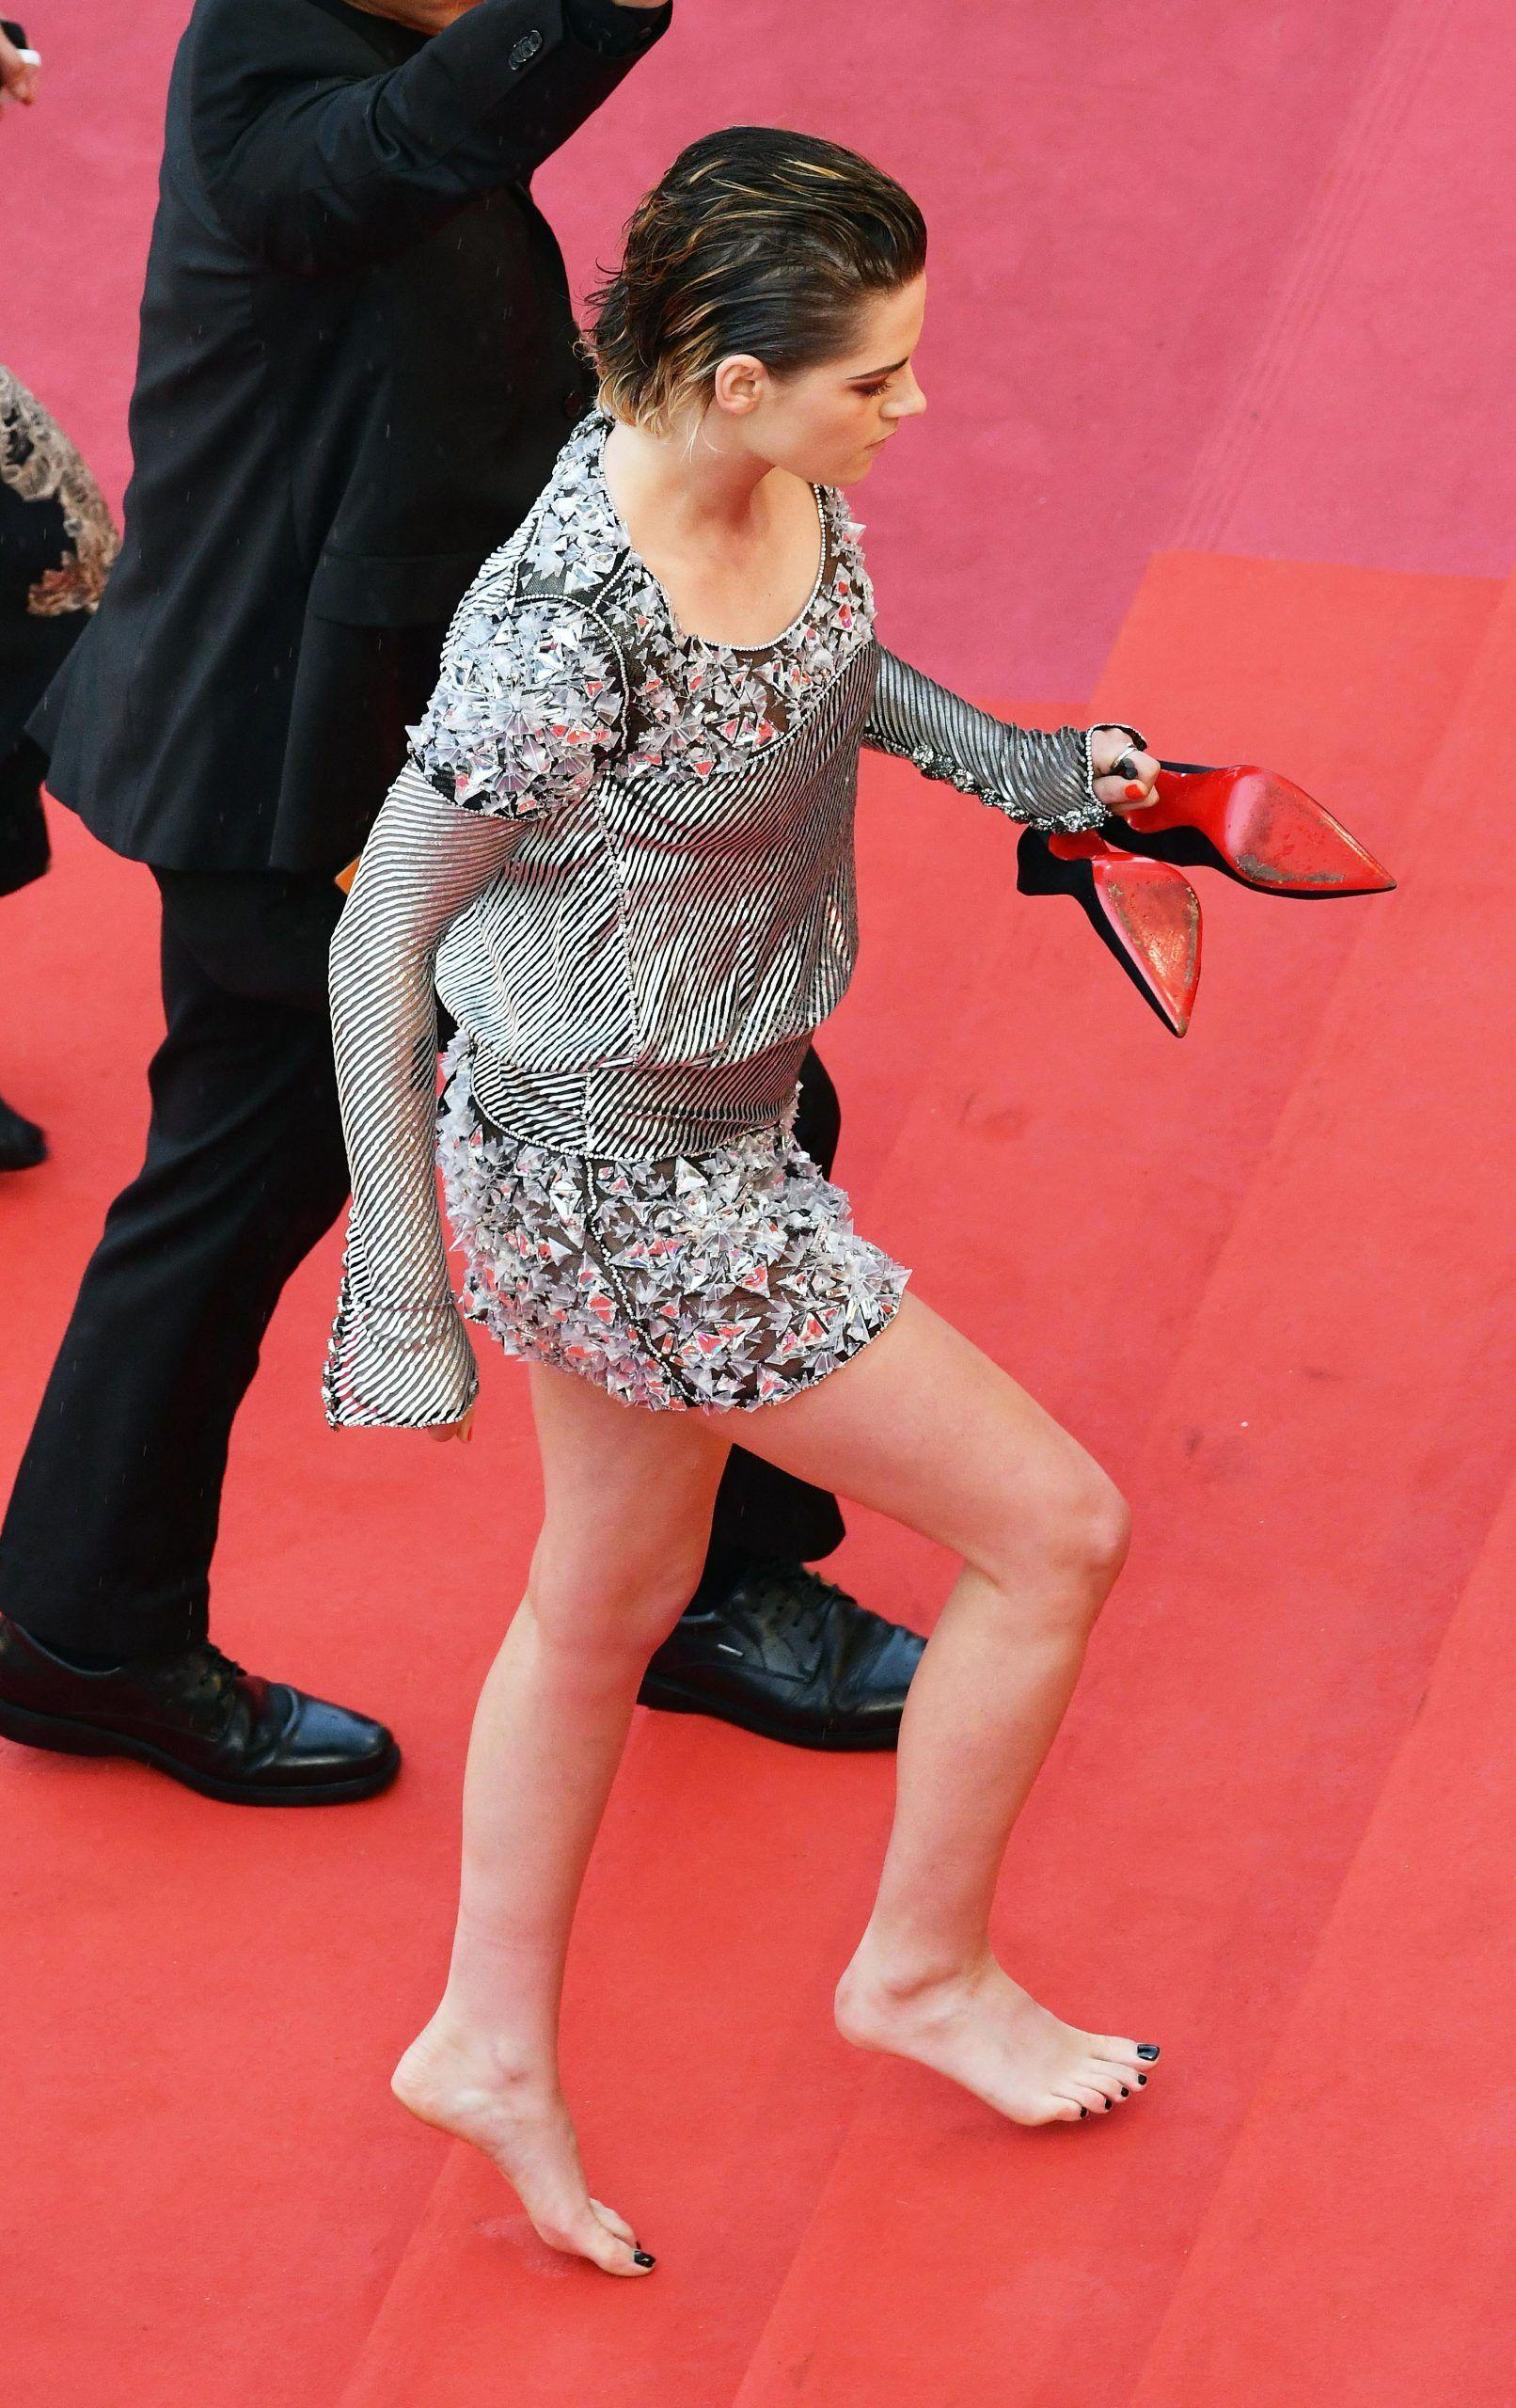 0303051210632 253 Kristen Stewart Nude Feet Porn Leaked Hot